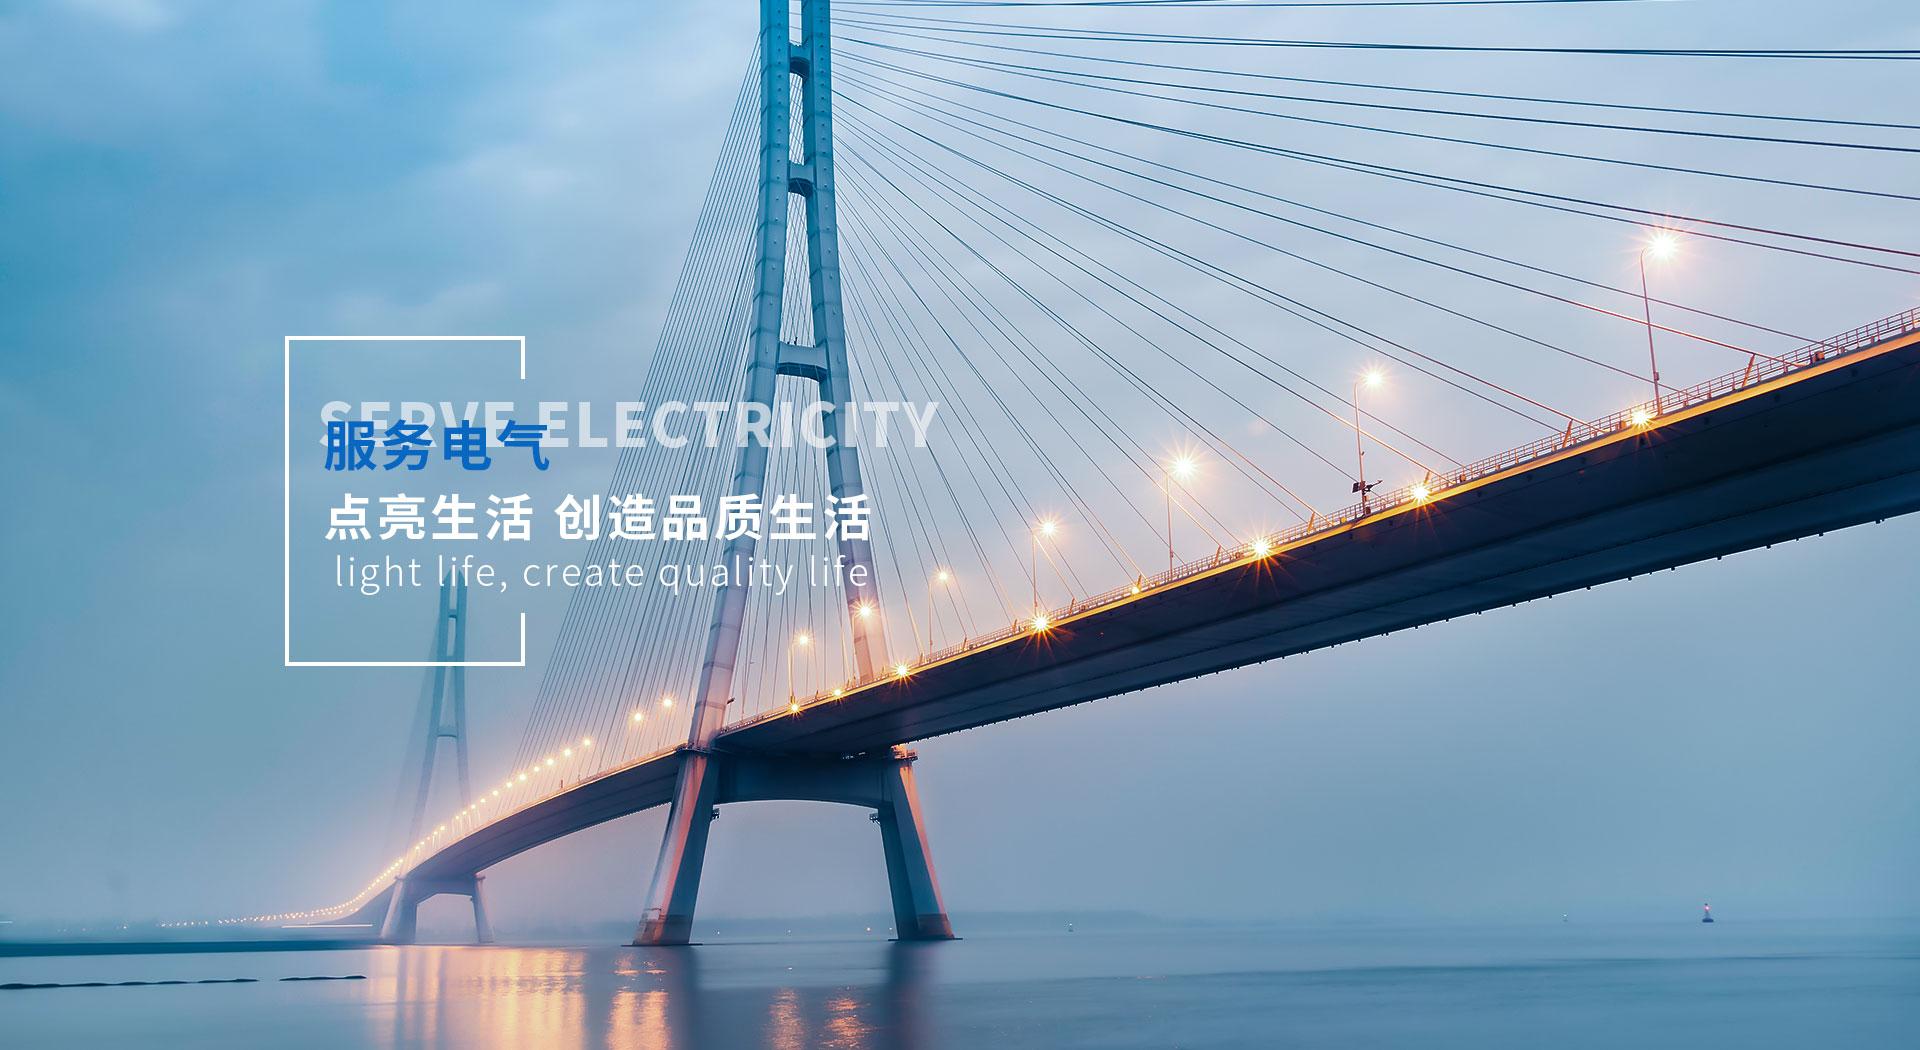 上聯電氣集團(西安)有限公司